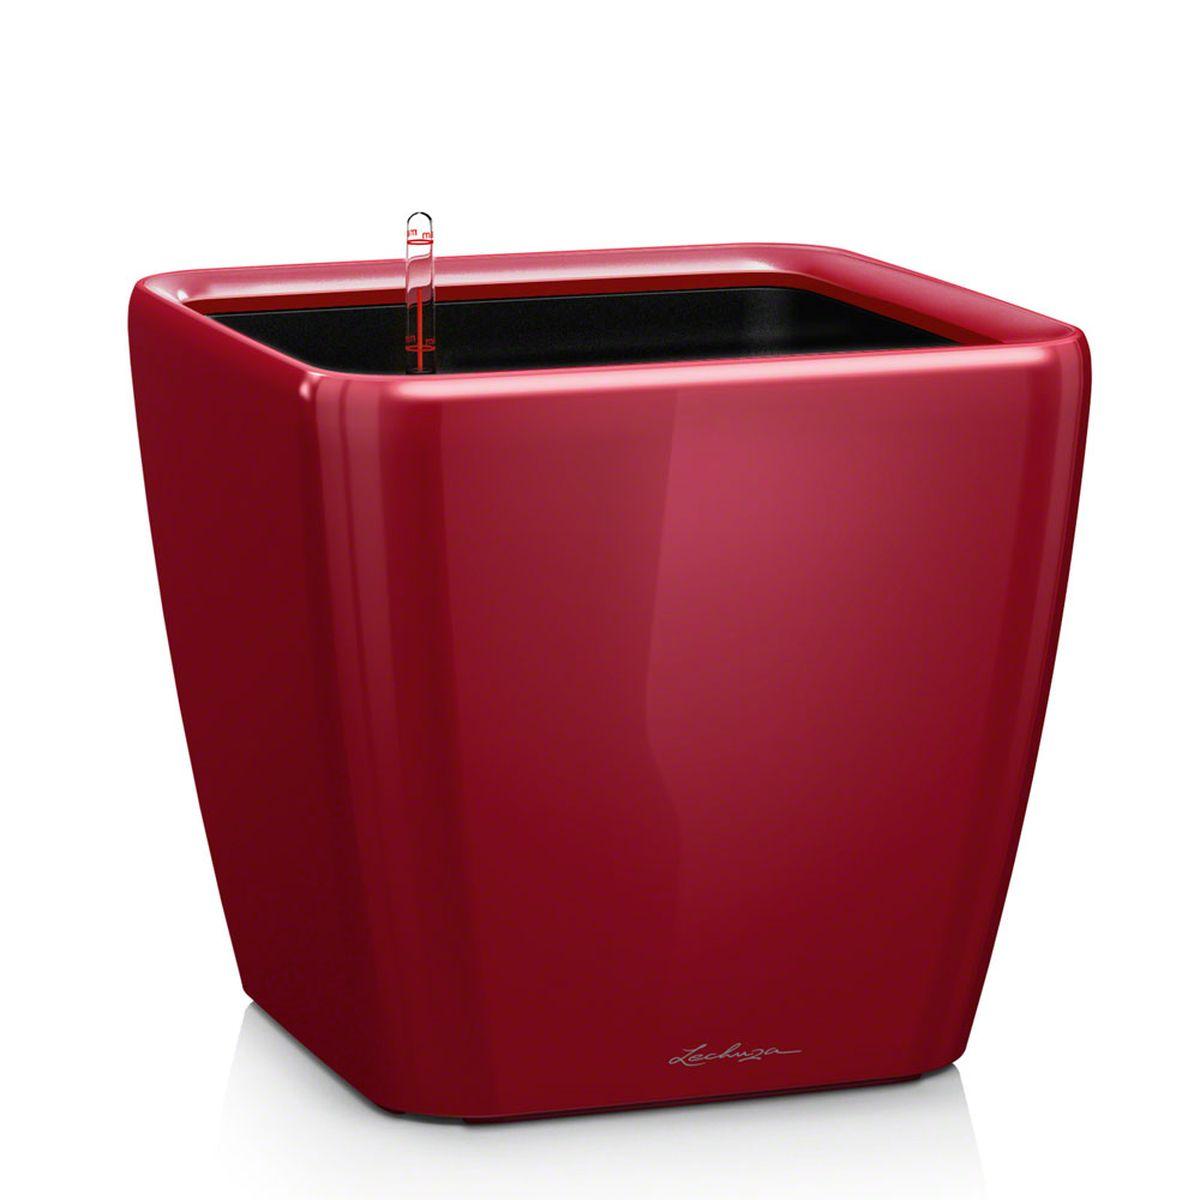 Кашпо Lechuza Quadro, с системой автополива, цвет: красный, 43 х 43 х 40 см16187Кашпо Lechuza Quadro, выполненное из высококачественного пластика, имеет уникальную систему автополива, благодаря которой корневая система растения непрерывно снабжается влагой из резервуара. Уровень воды в резервуаре контролируется с помощью специального индикатора. В зависимости от размера кашпо и растения воды хватает на 2-12 недель. Это способствует хорошему росту цветов и предотвращает переувлажнение.В набор входит: кашпо, внутренний горшок, индикатор уровня воды, вал подачи воды, субстрат растений в качестве дренажного слоя, резервуар для воды. Кашпо Lechuza Quadro прекрасно впишется в любой интерьер. Оно поможет расставить нужные акценты, а также придаст помещению вид, соответствующий вашим представлениям.